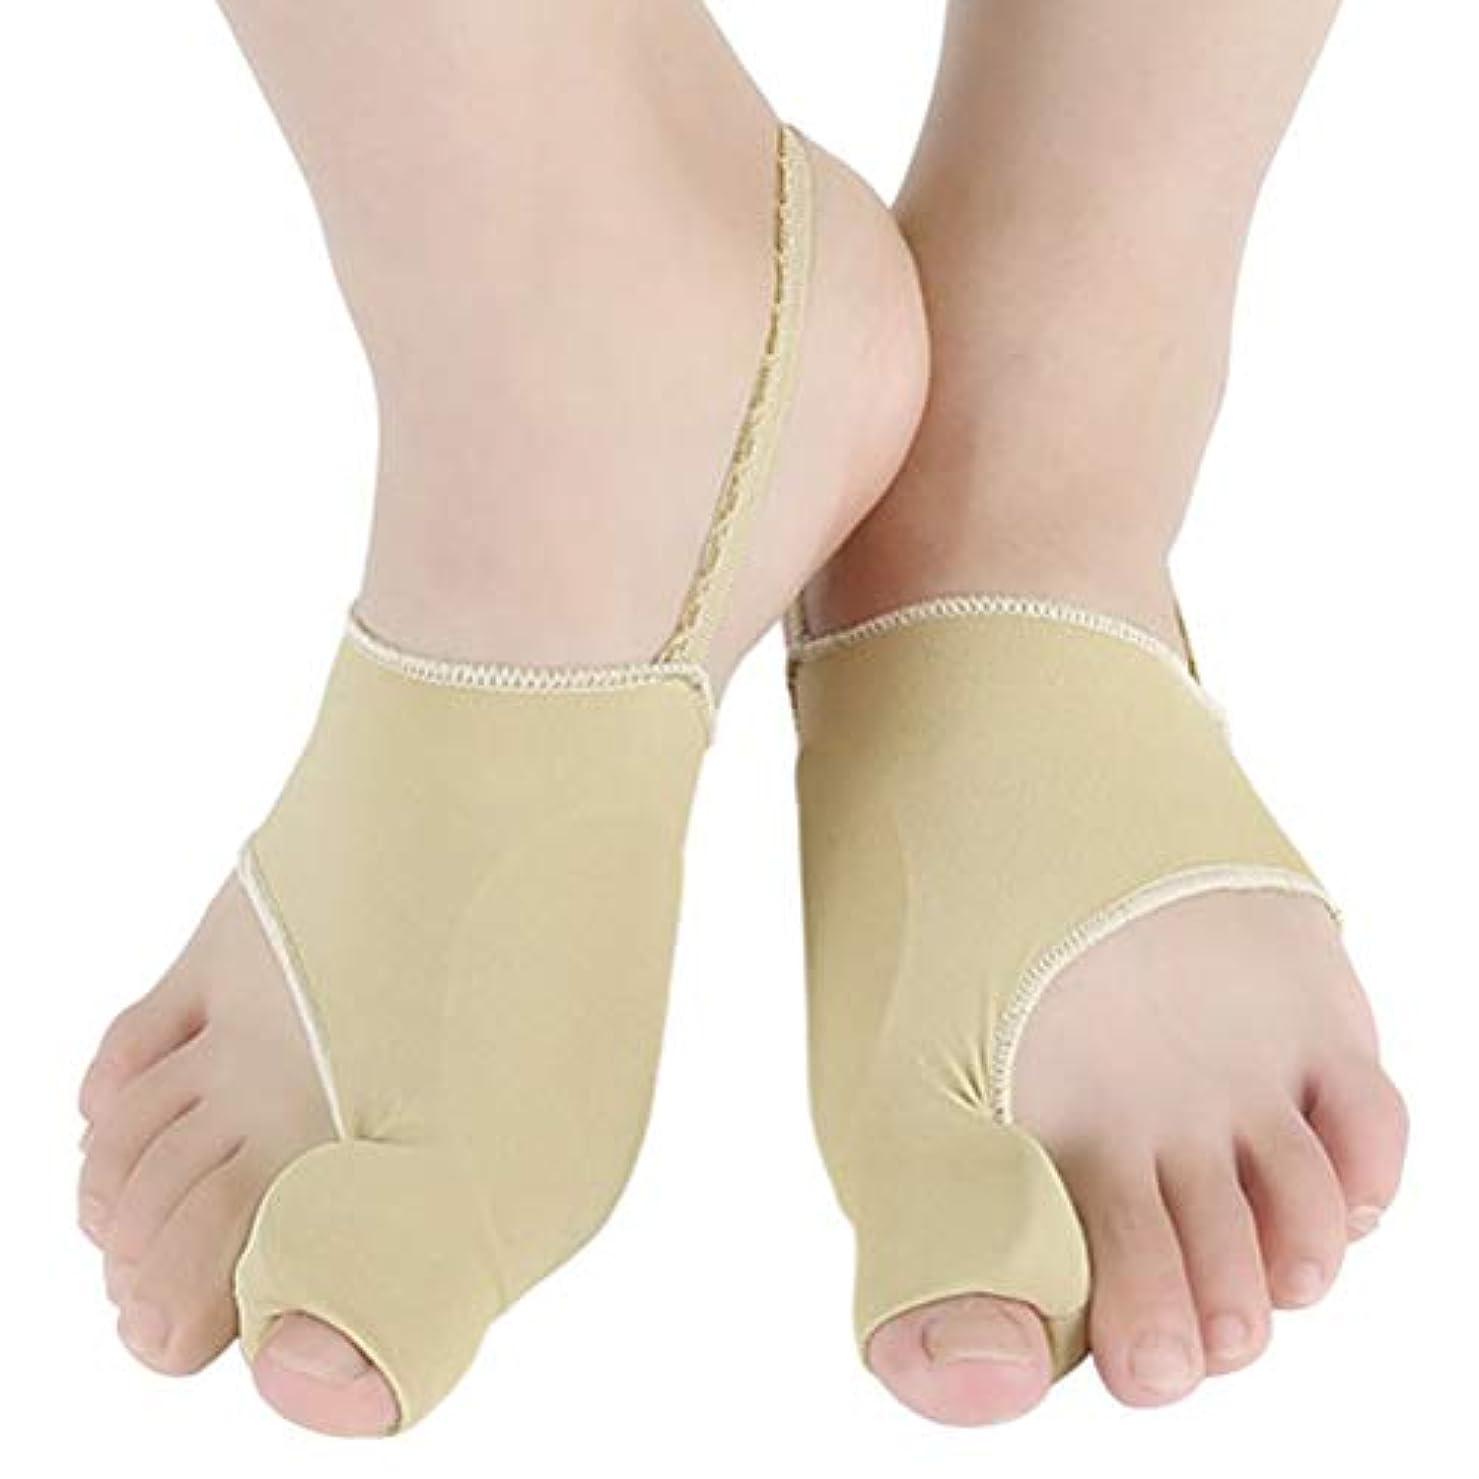 上に知覚するクアッガHeallily 足首矯正用1対のつま先ブレース親指調整可能な腱膜プロテクター副脚の母趾外反治療用(カーキサイズL)